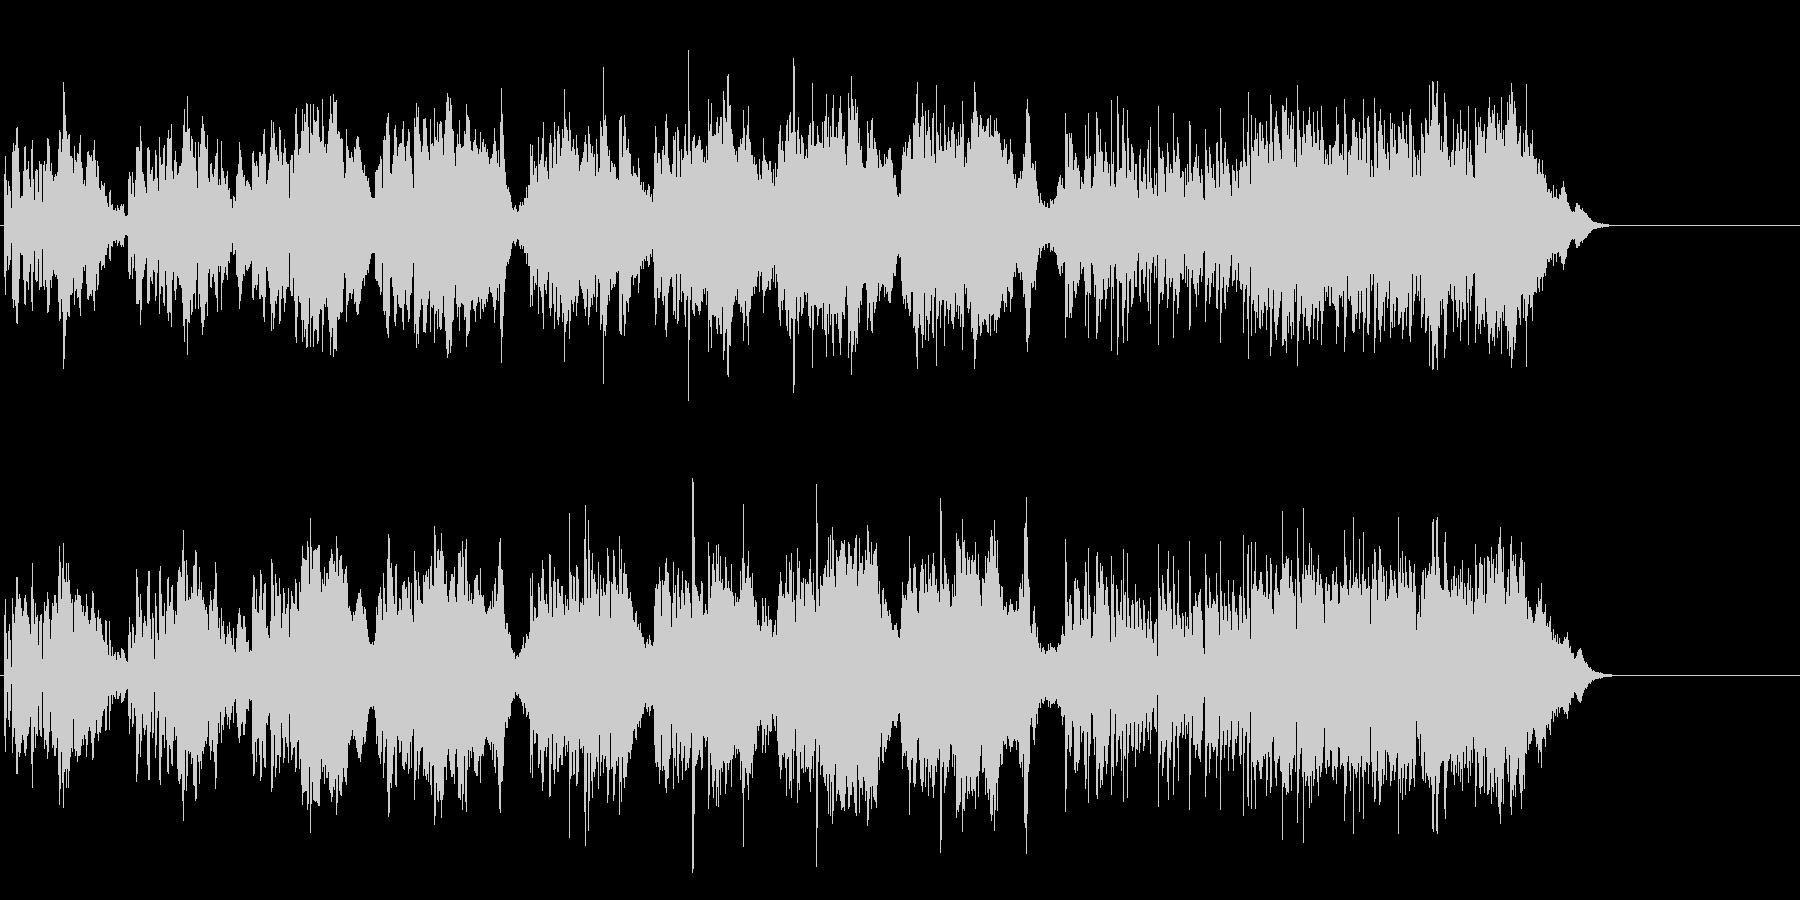 ドキュメント風環境音楽の未再生の波形